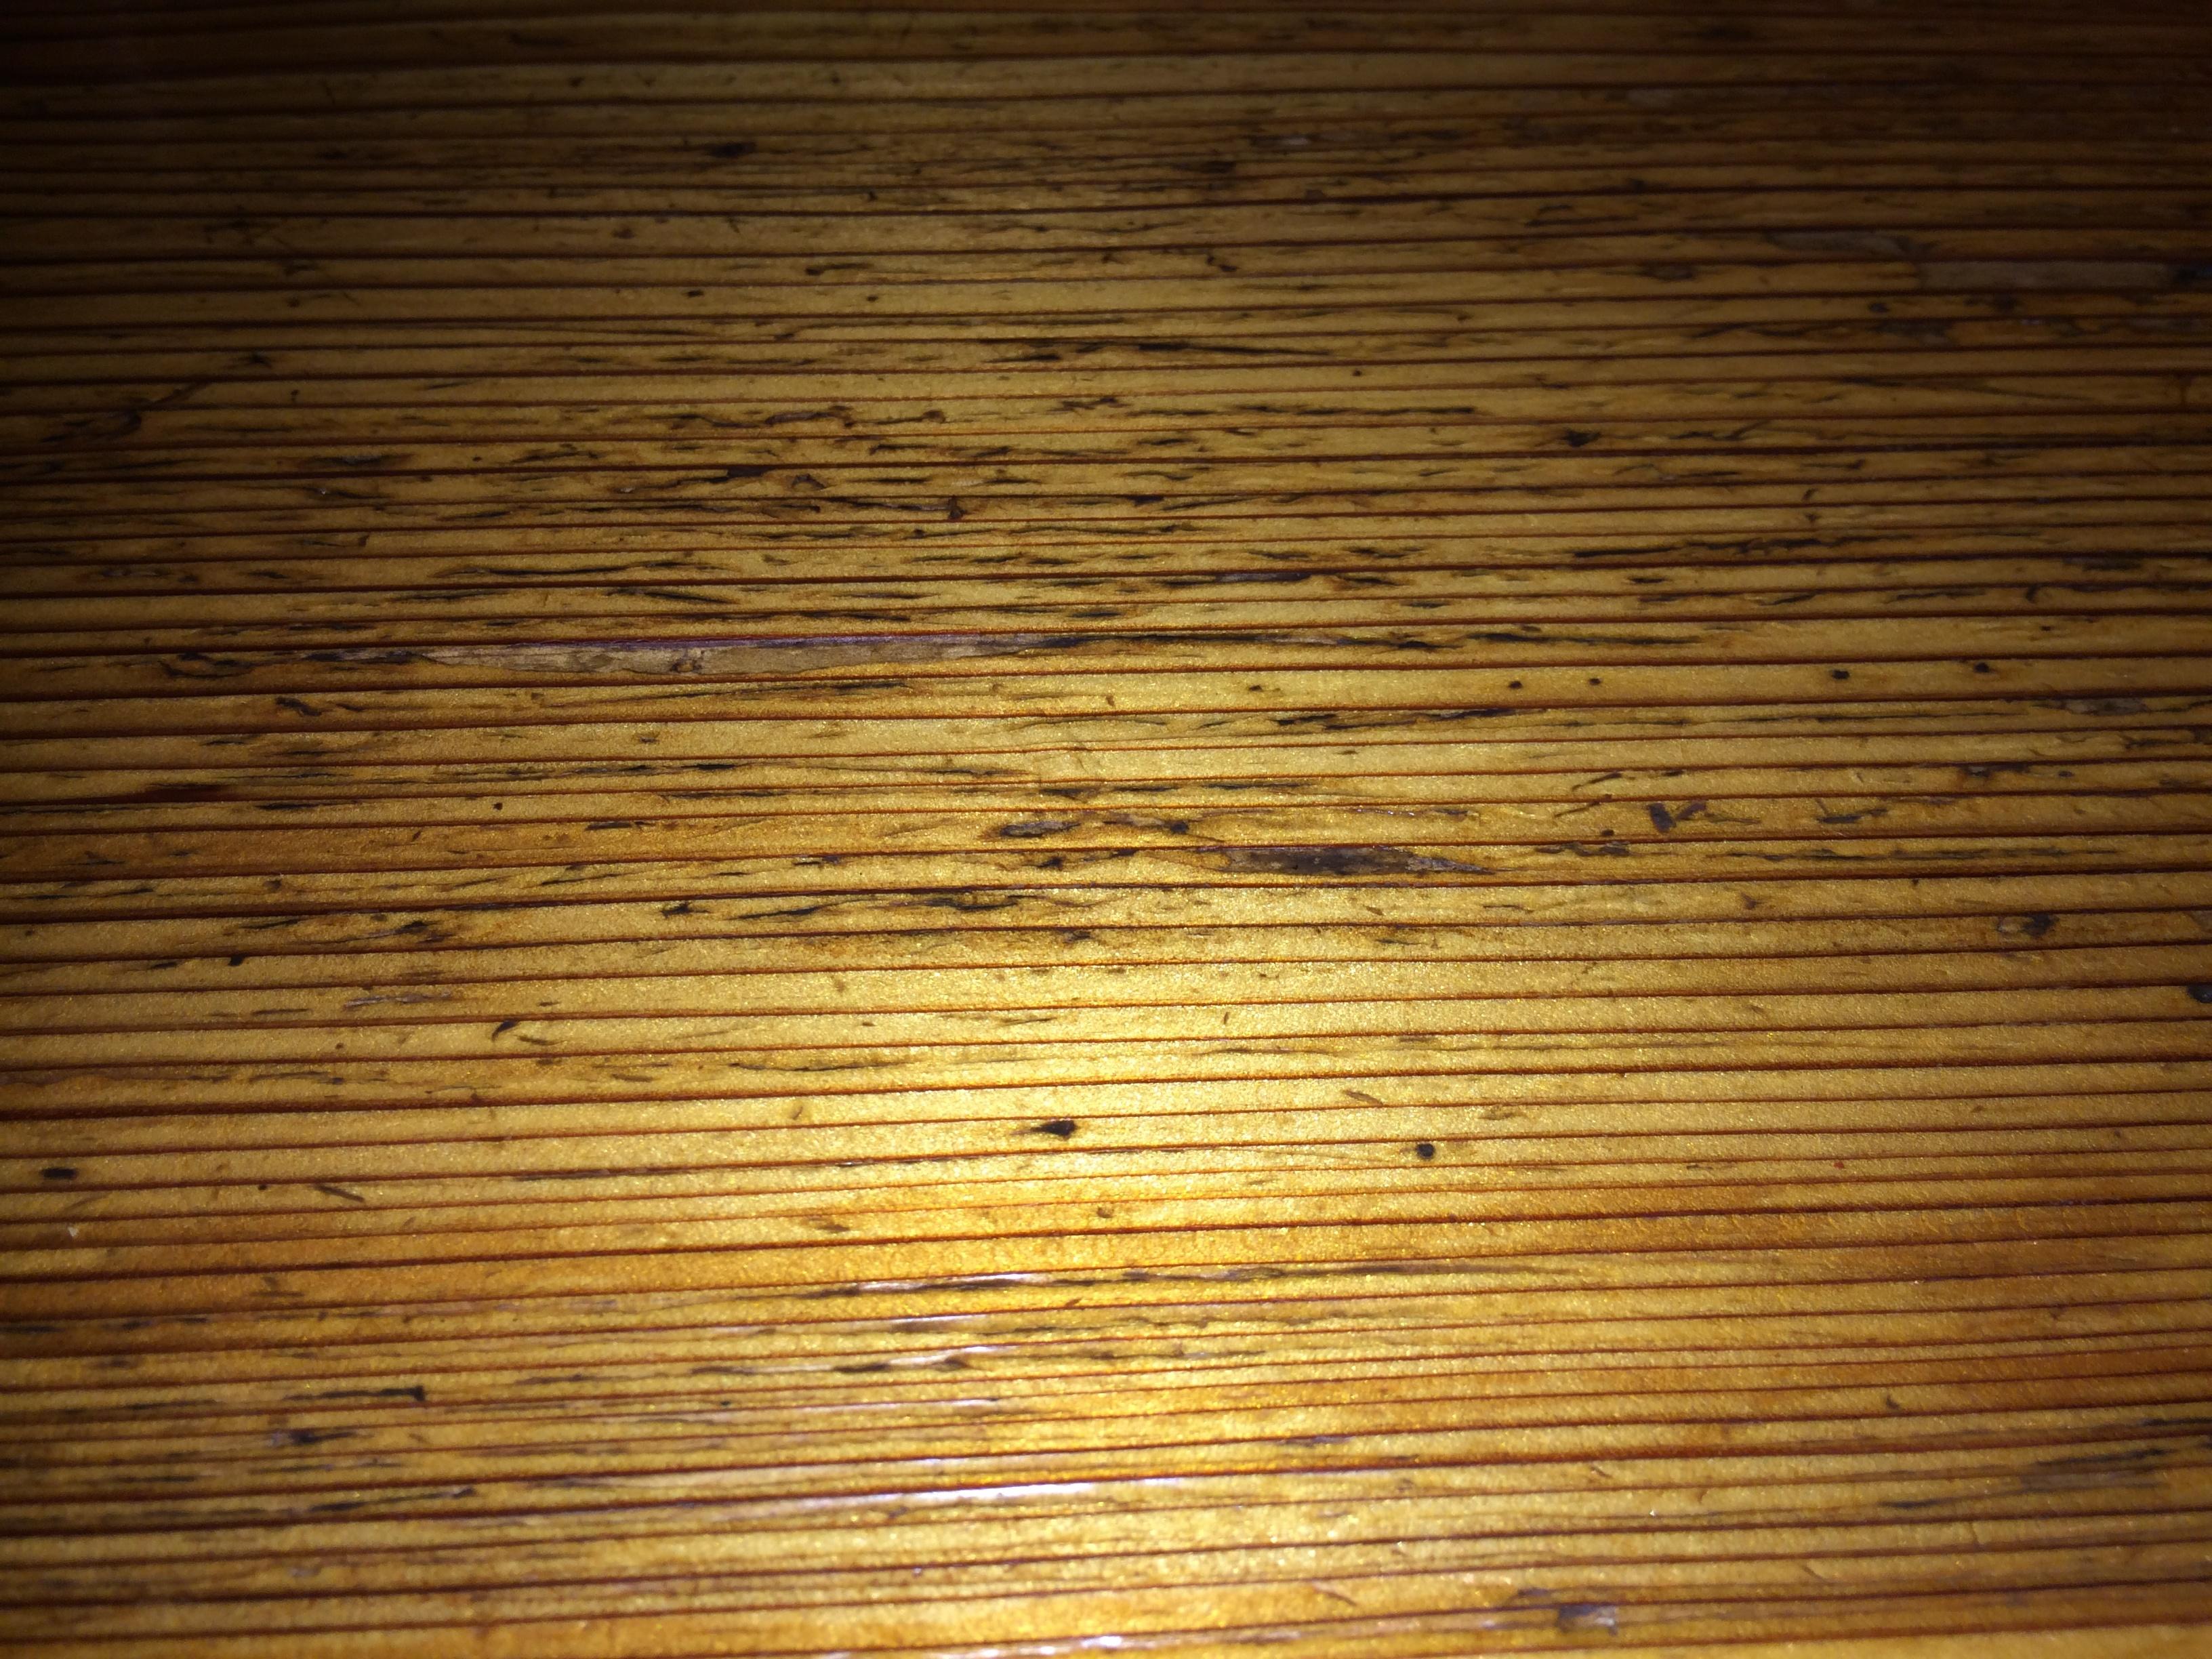 あえて机の上にLEDフラッシュの光を反射させて撮影。iPhone 5の光は「青白い」が、iPhone 5sの光は「自然」な印象の色であることがわかる